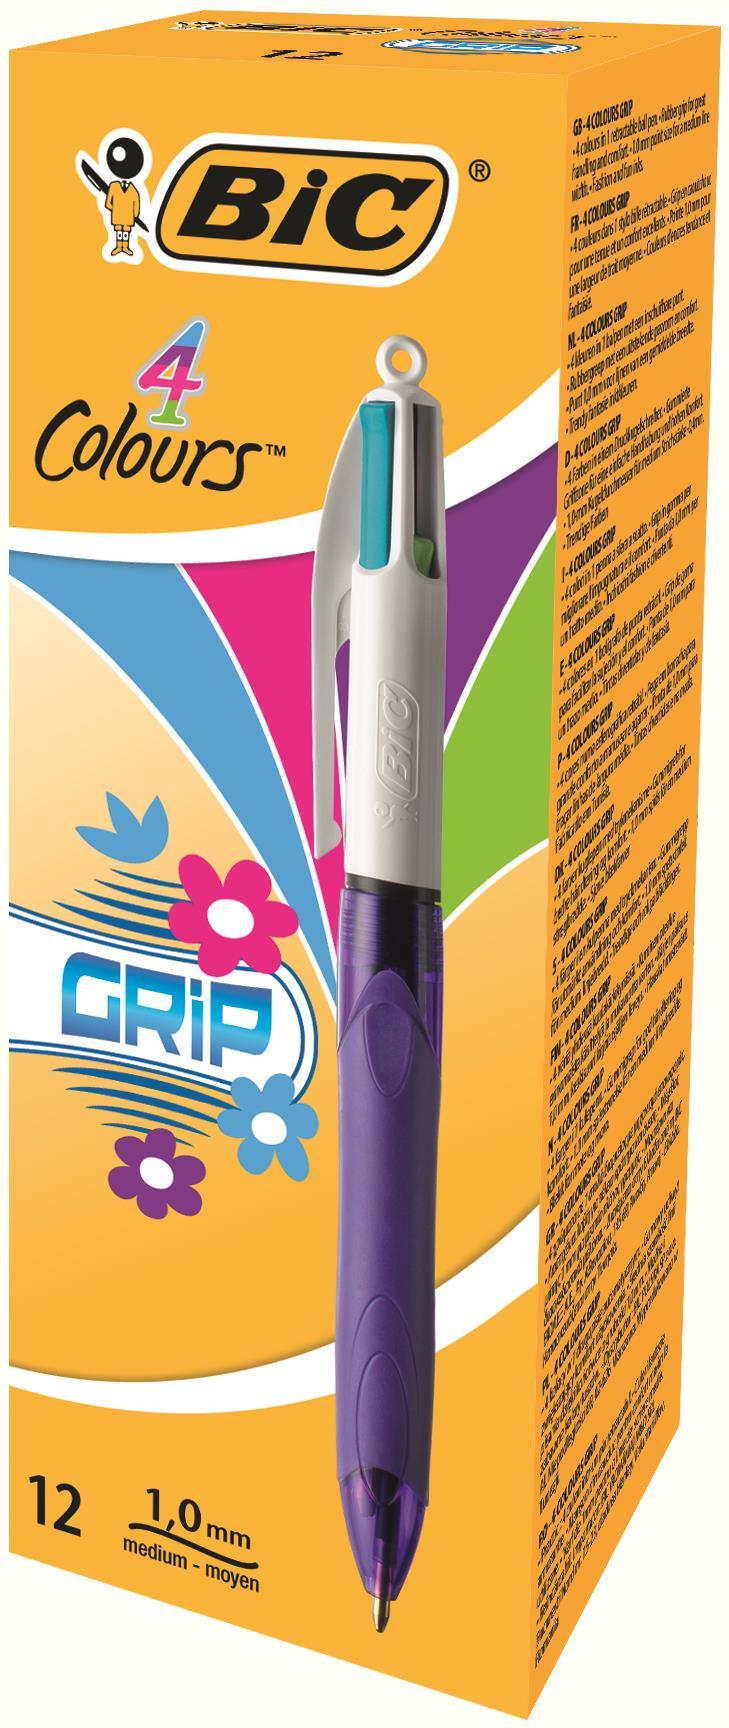 Bic 4 Colour fshon Rtrctble Astd PK12